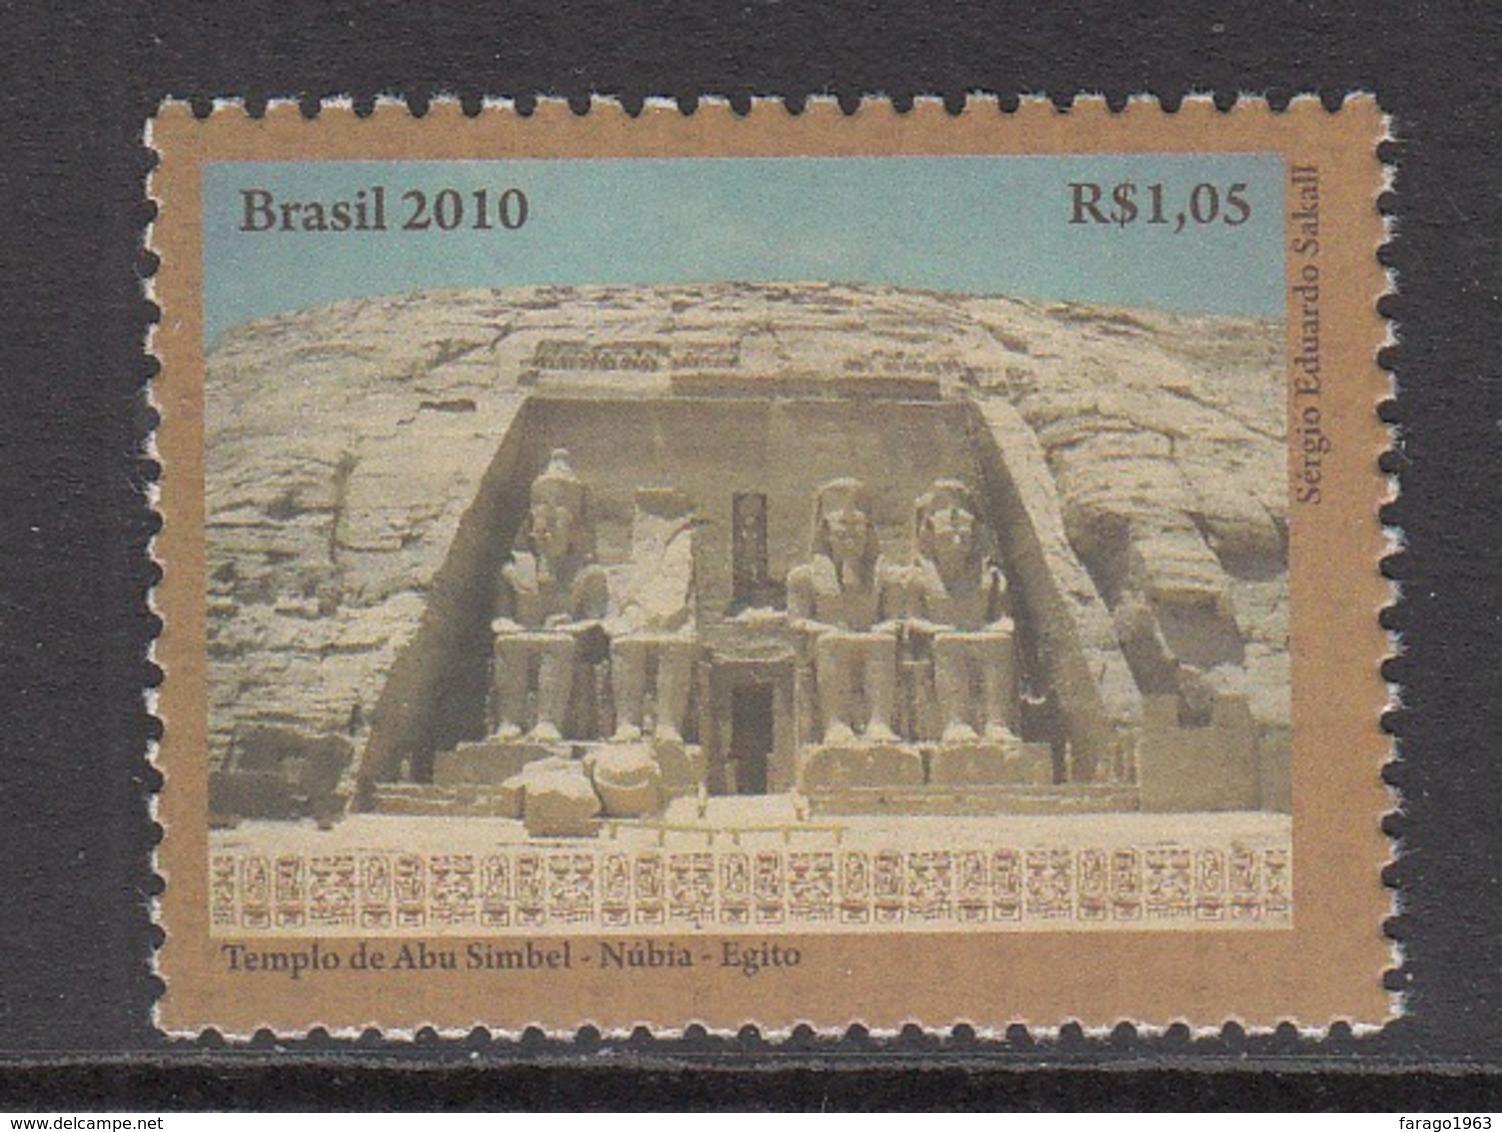 2010 Brazil Egyptology Ancient Ruins  Complete Set Of 1 MNH - Brazilië